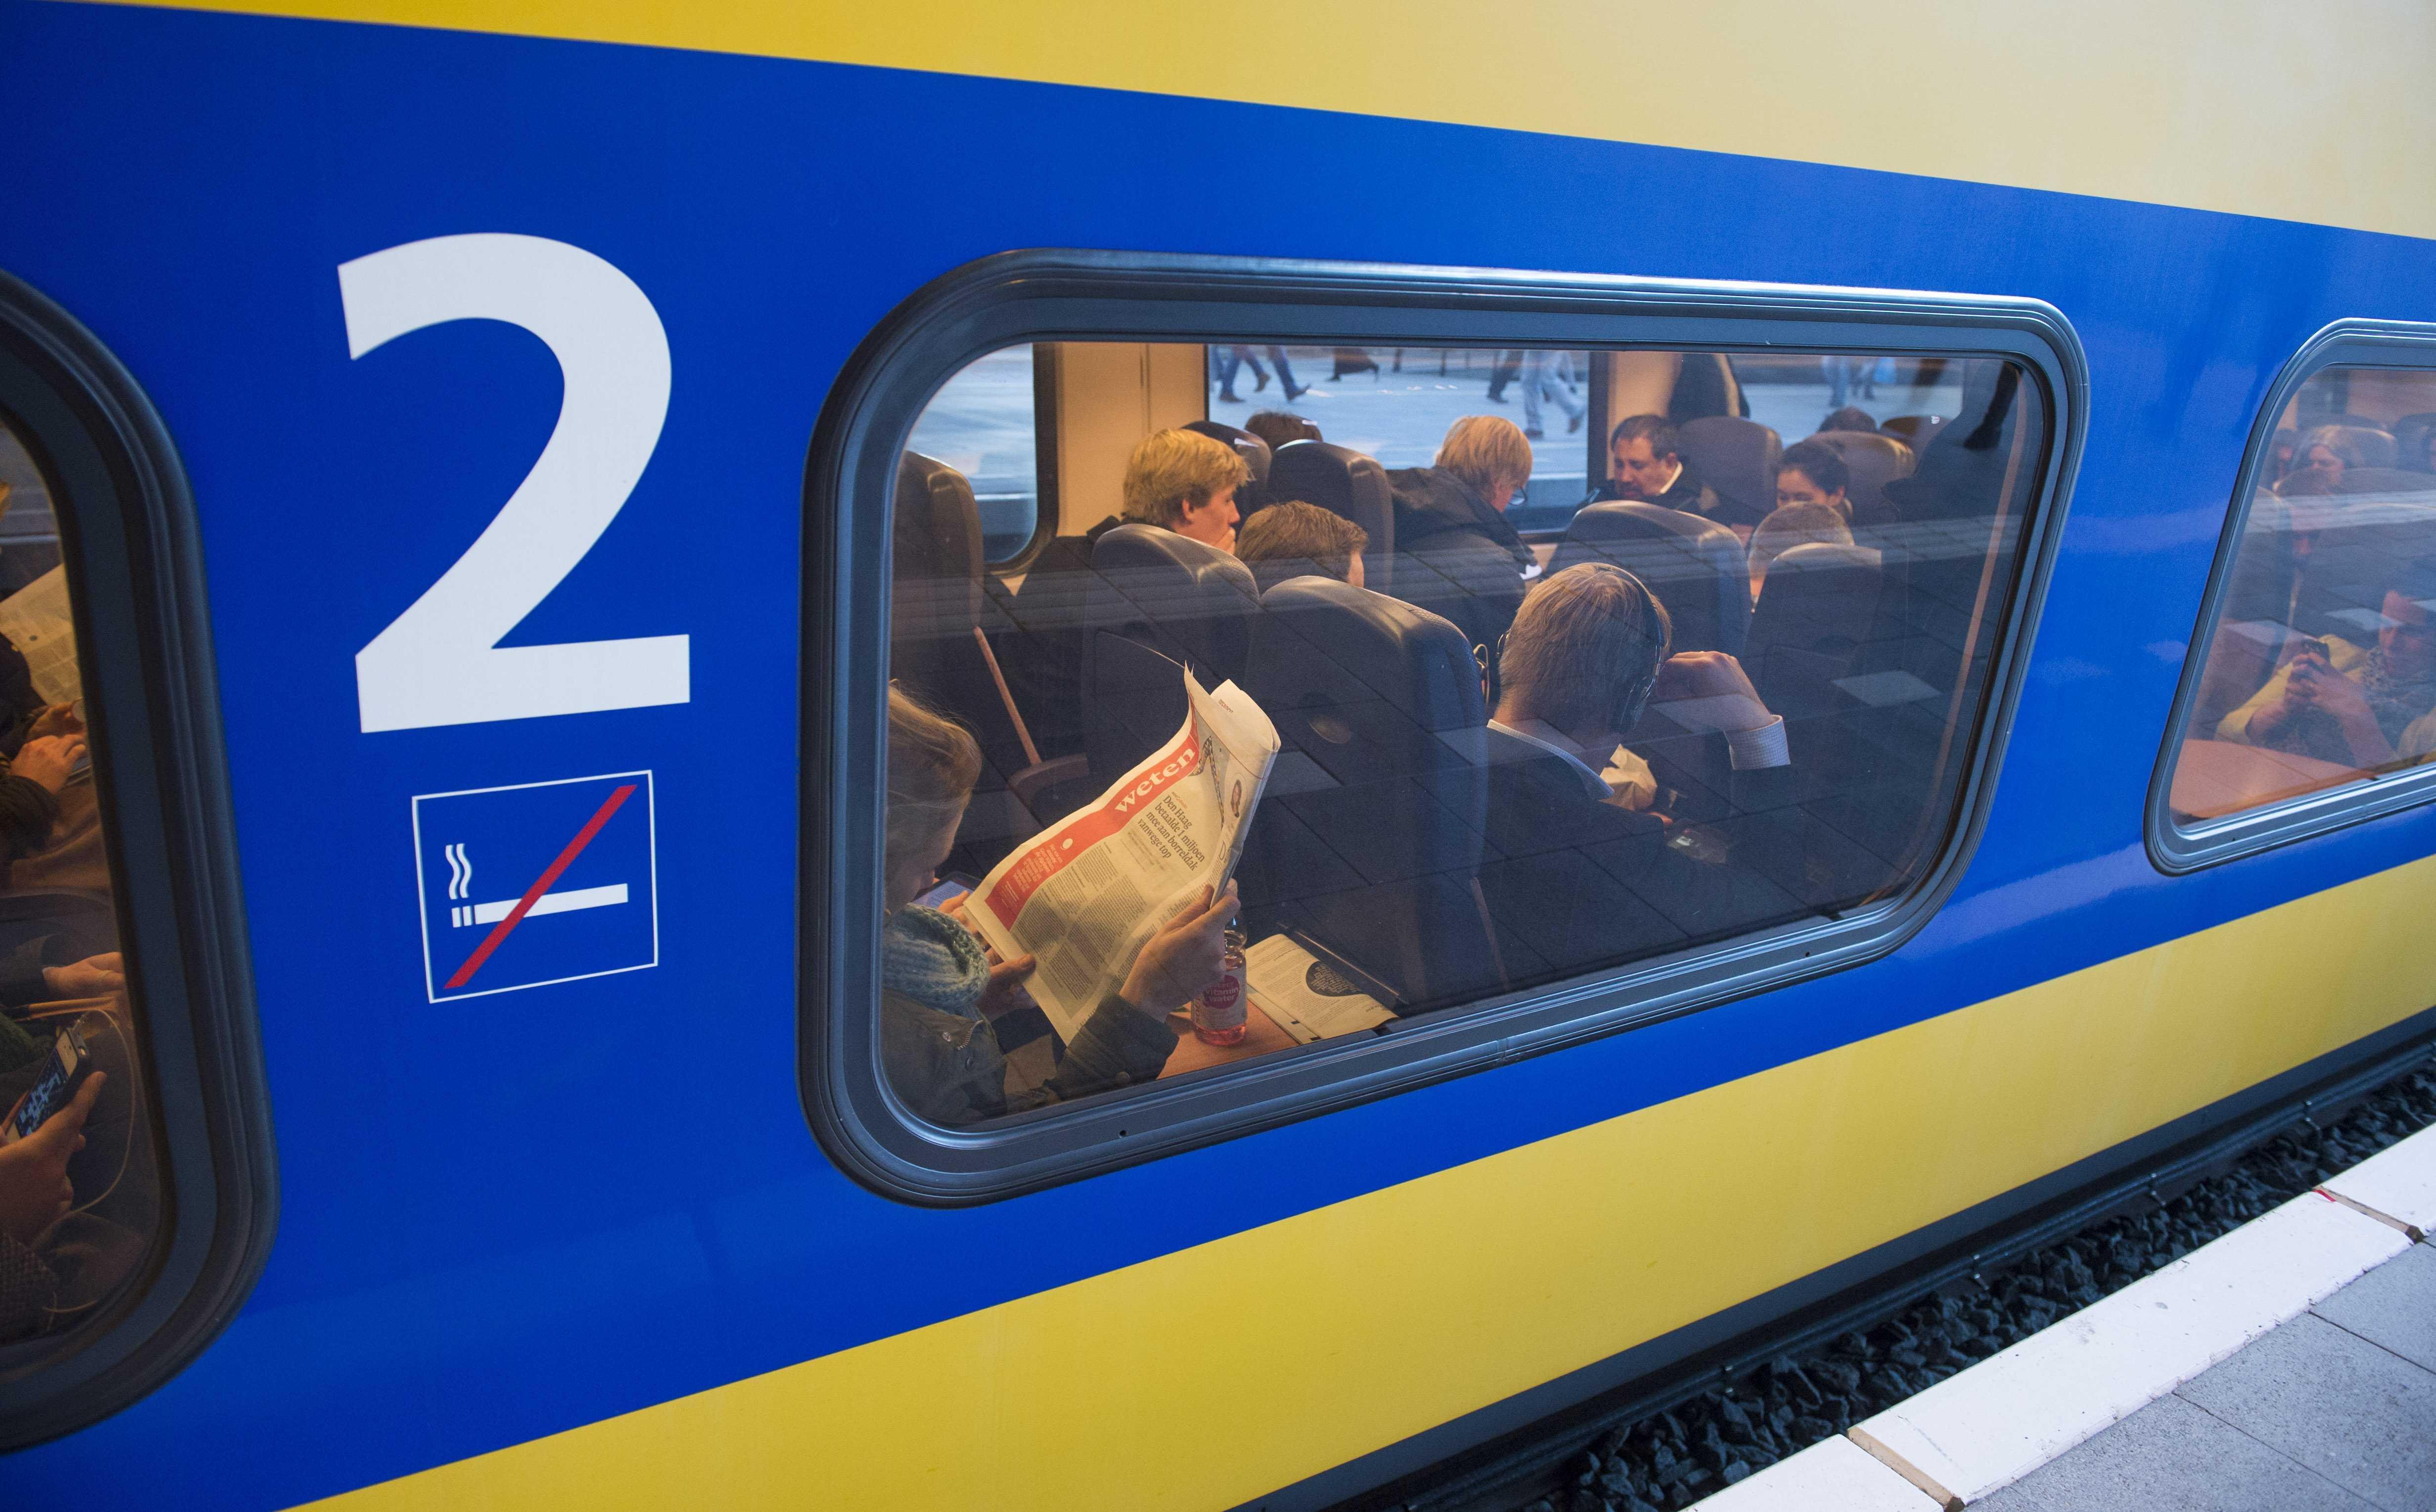 'Extra boete bij overlast in trein of bus'